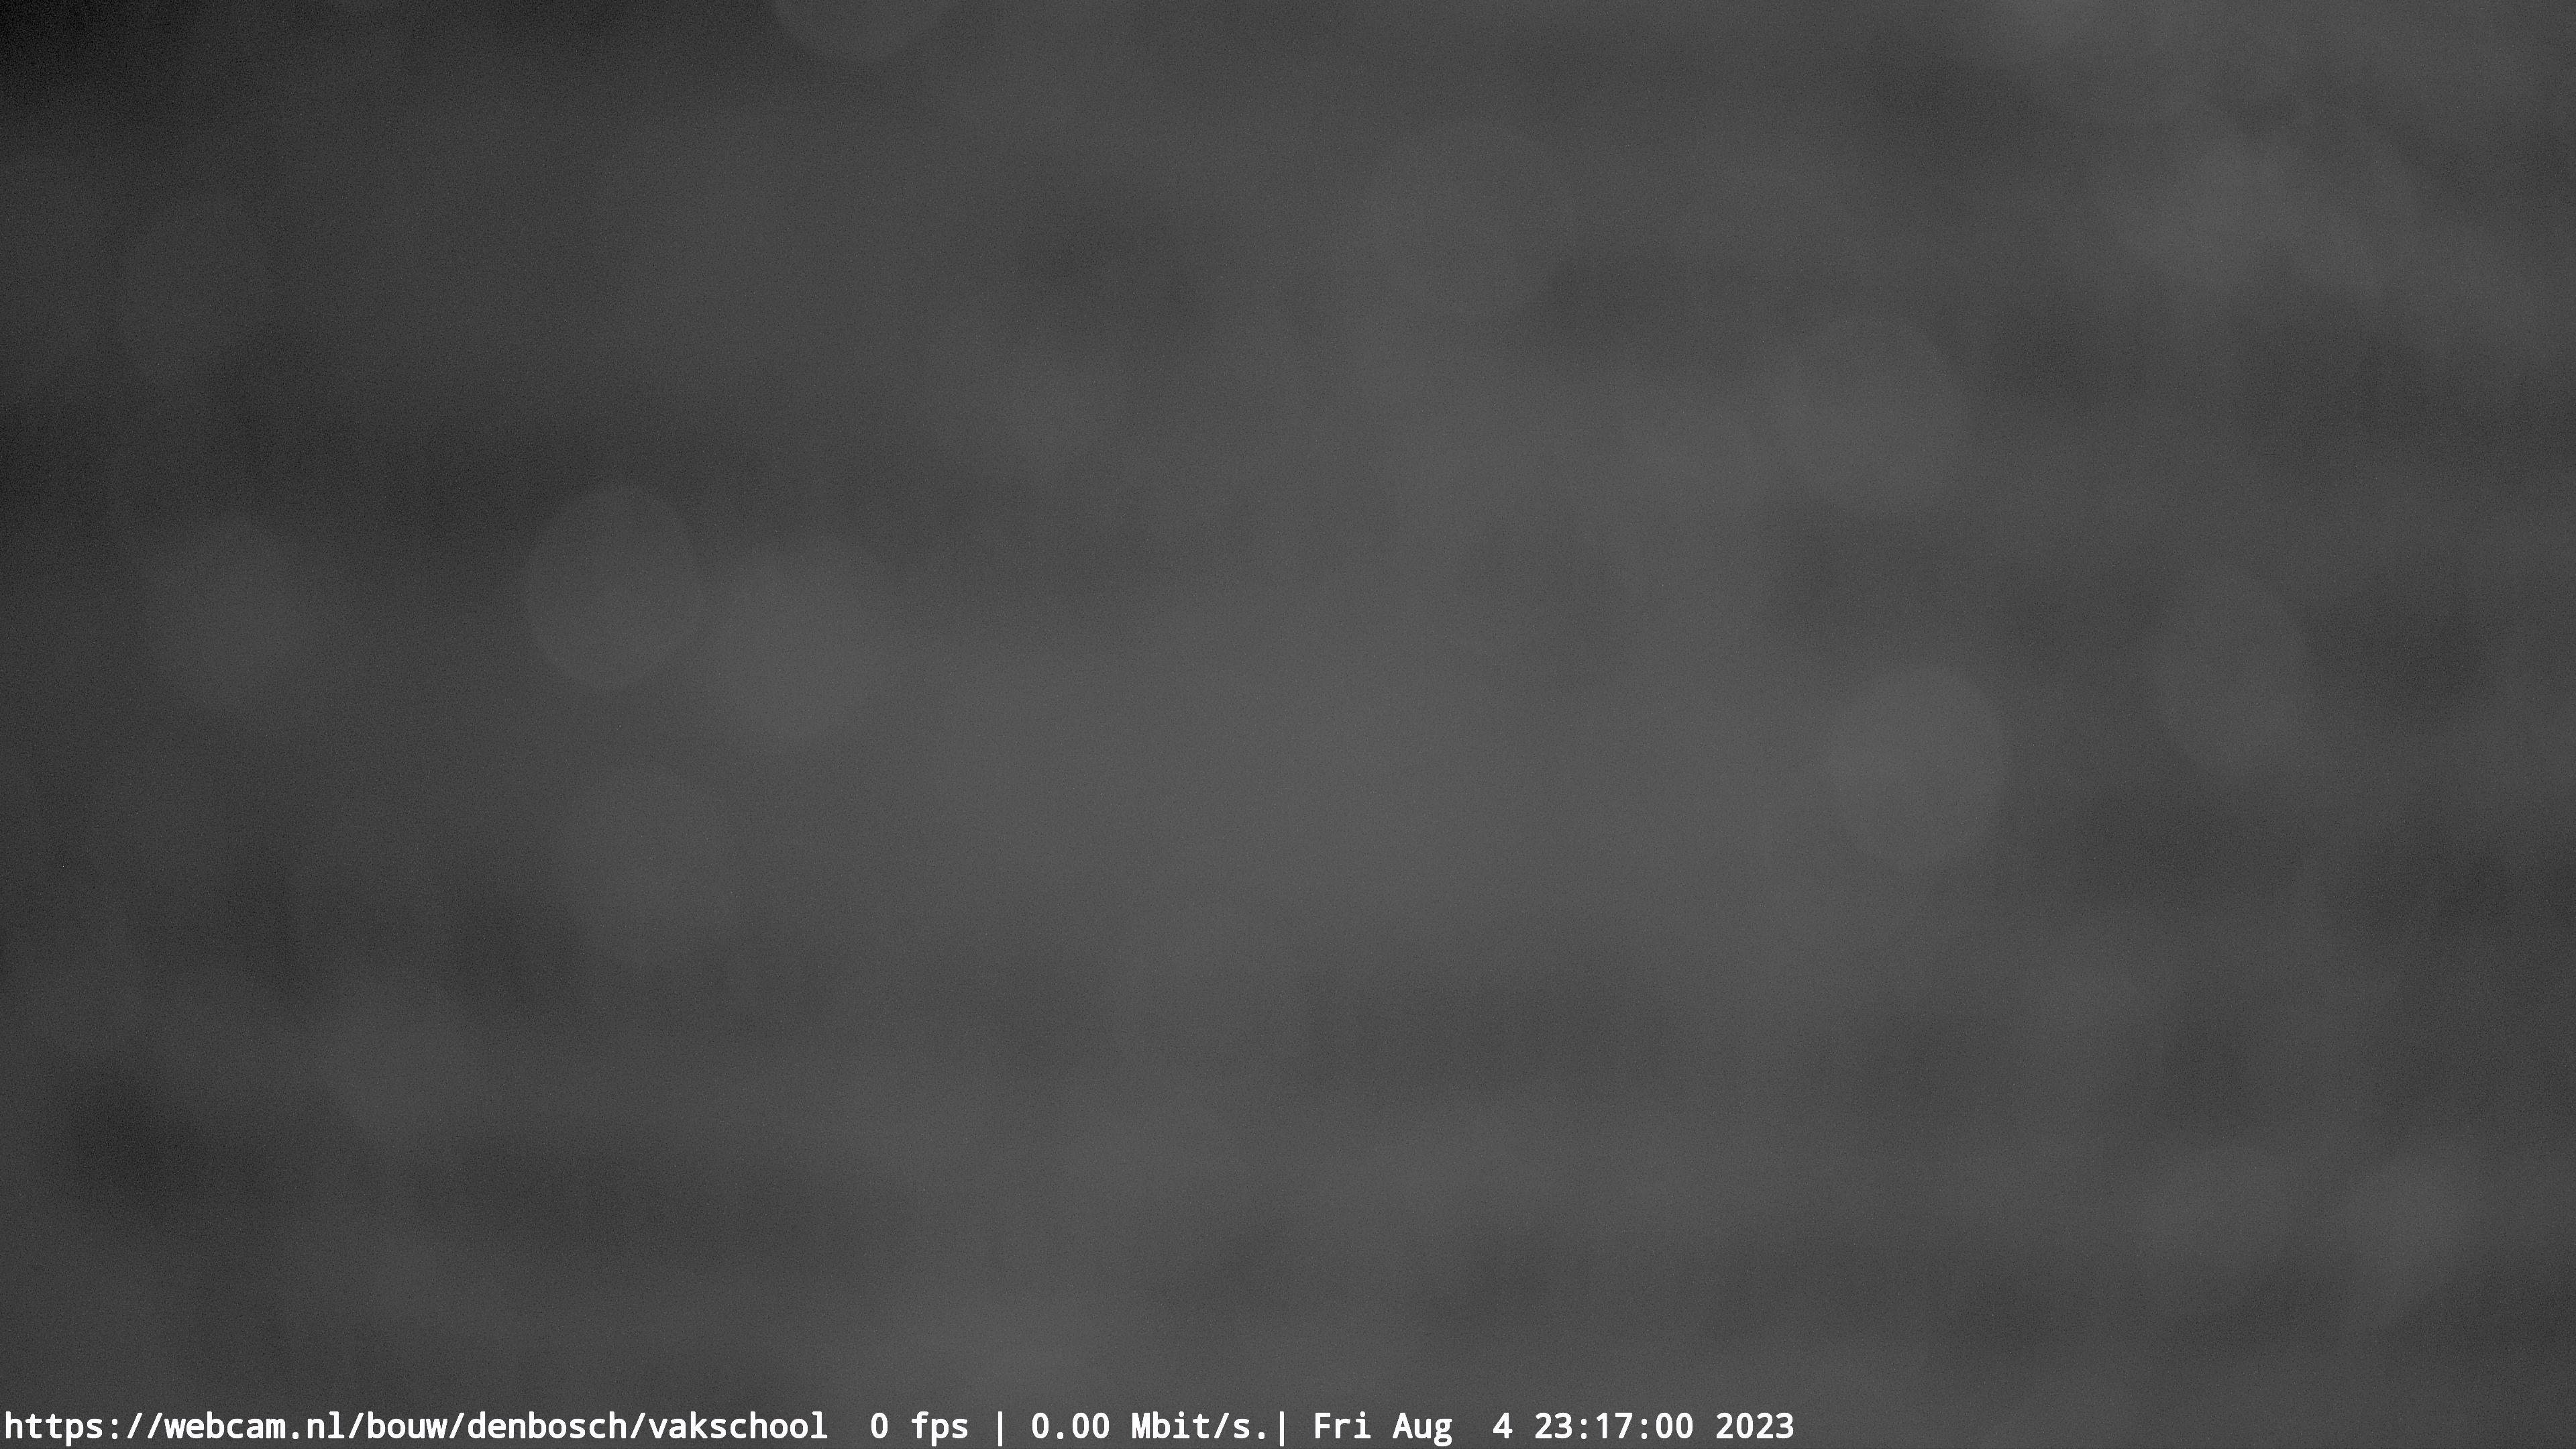 WebCam.NL | ultraHD 4K camera Den Bosch, vakschool.